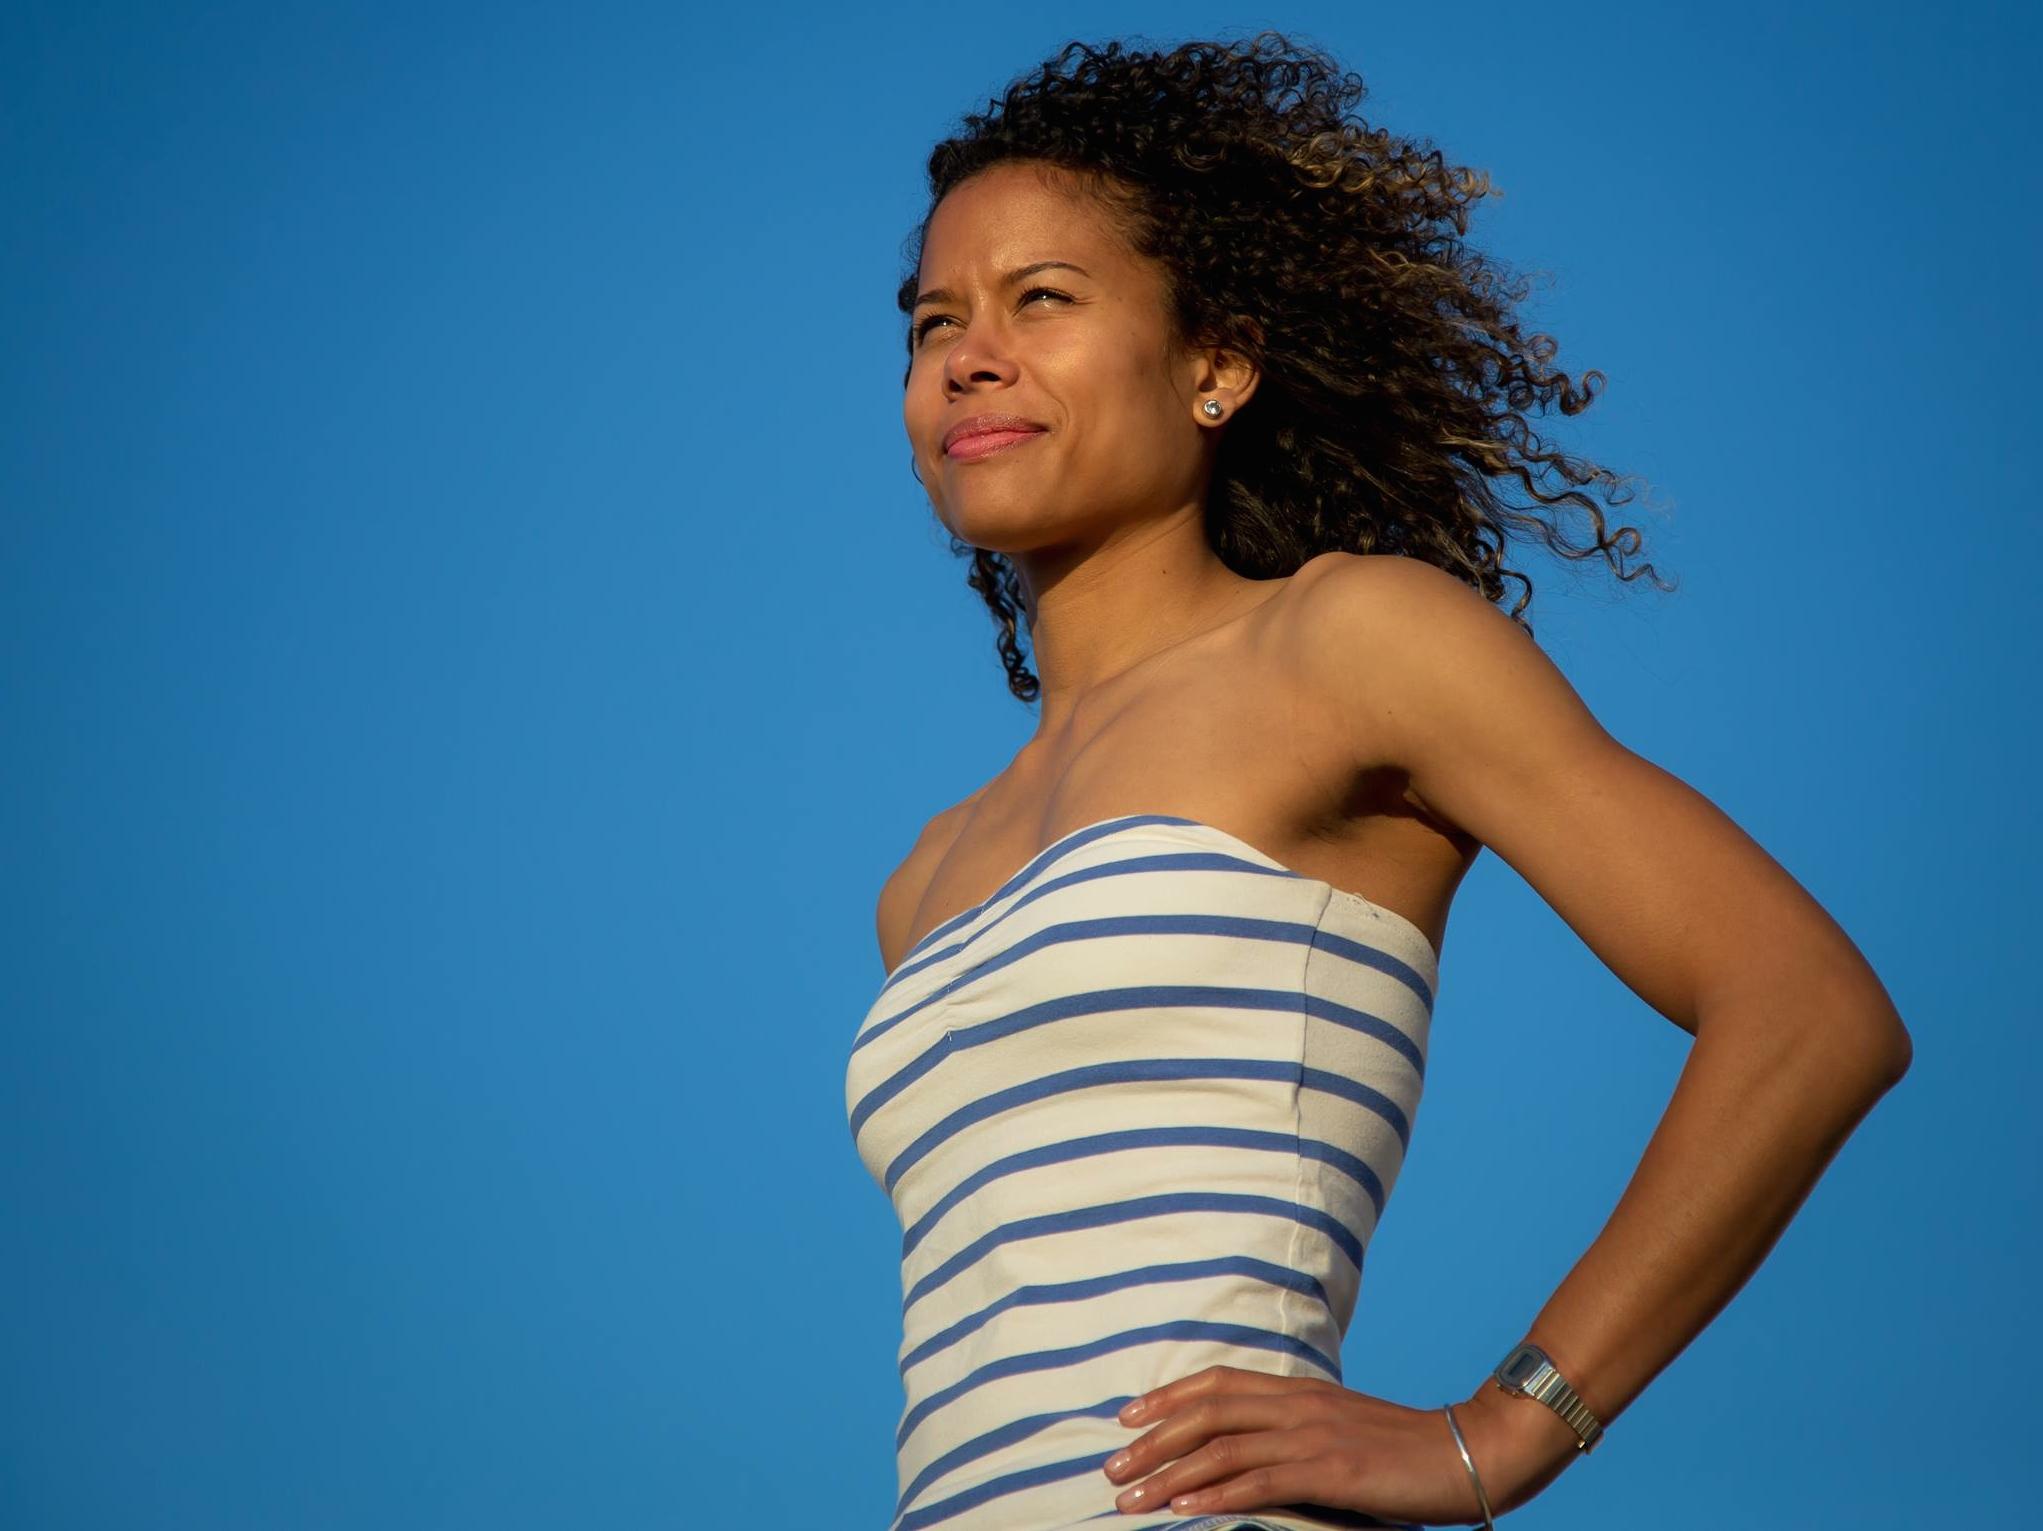 stephanie richardot sportive runnneuse marseille conseil healthy 7